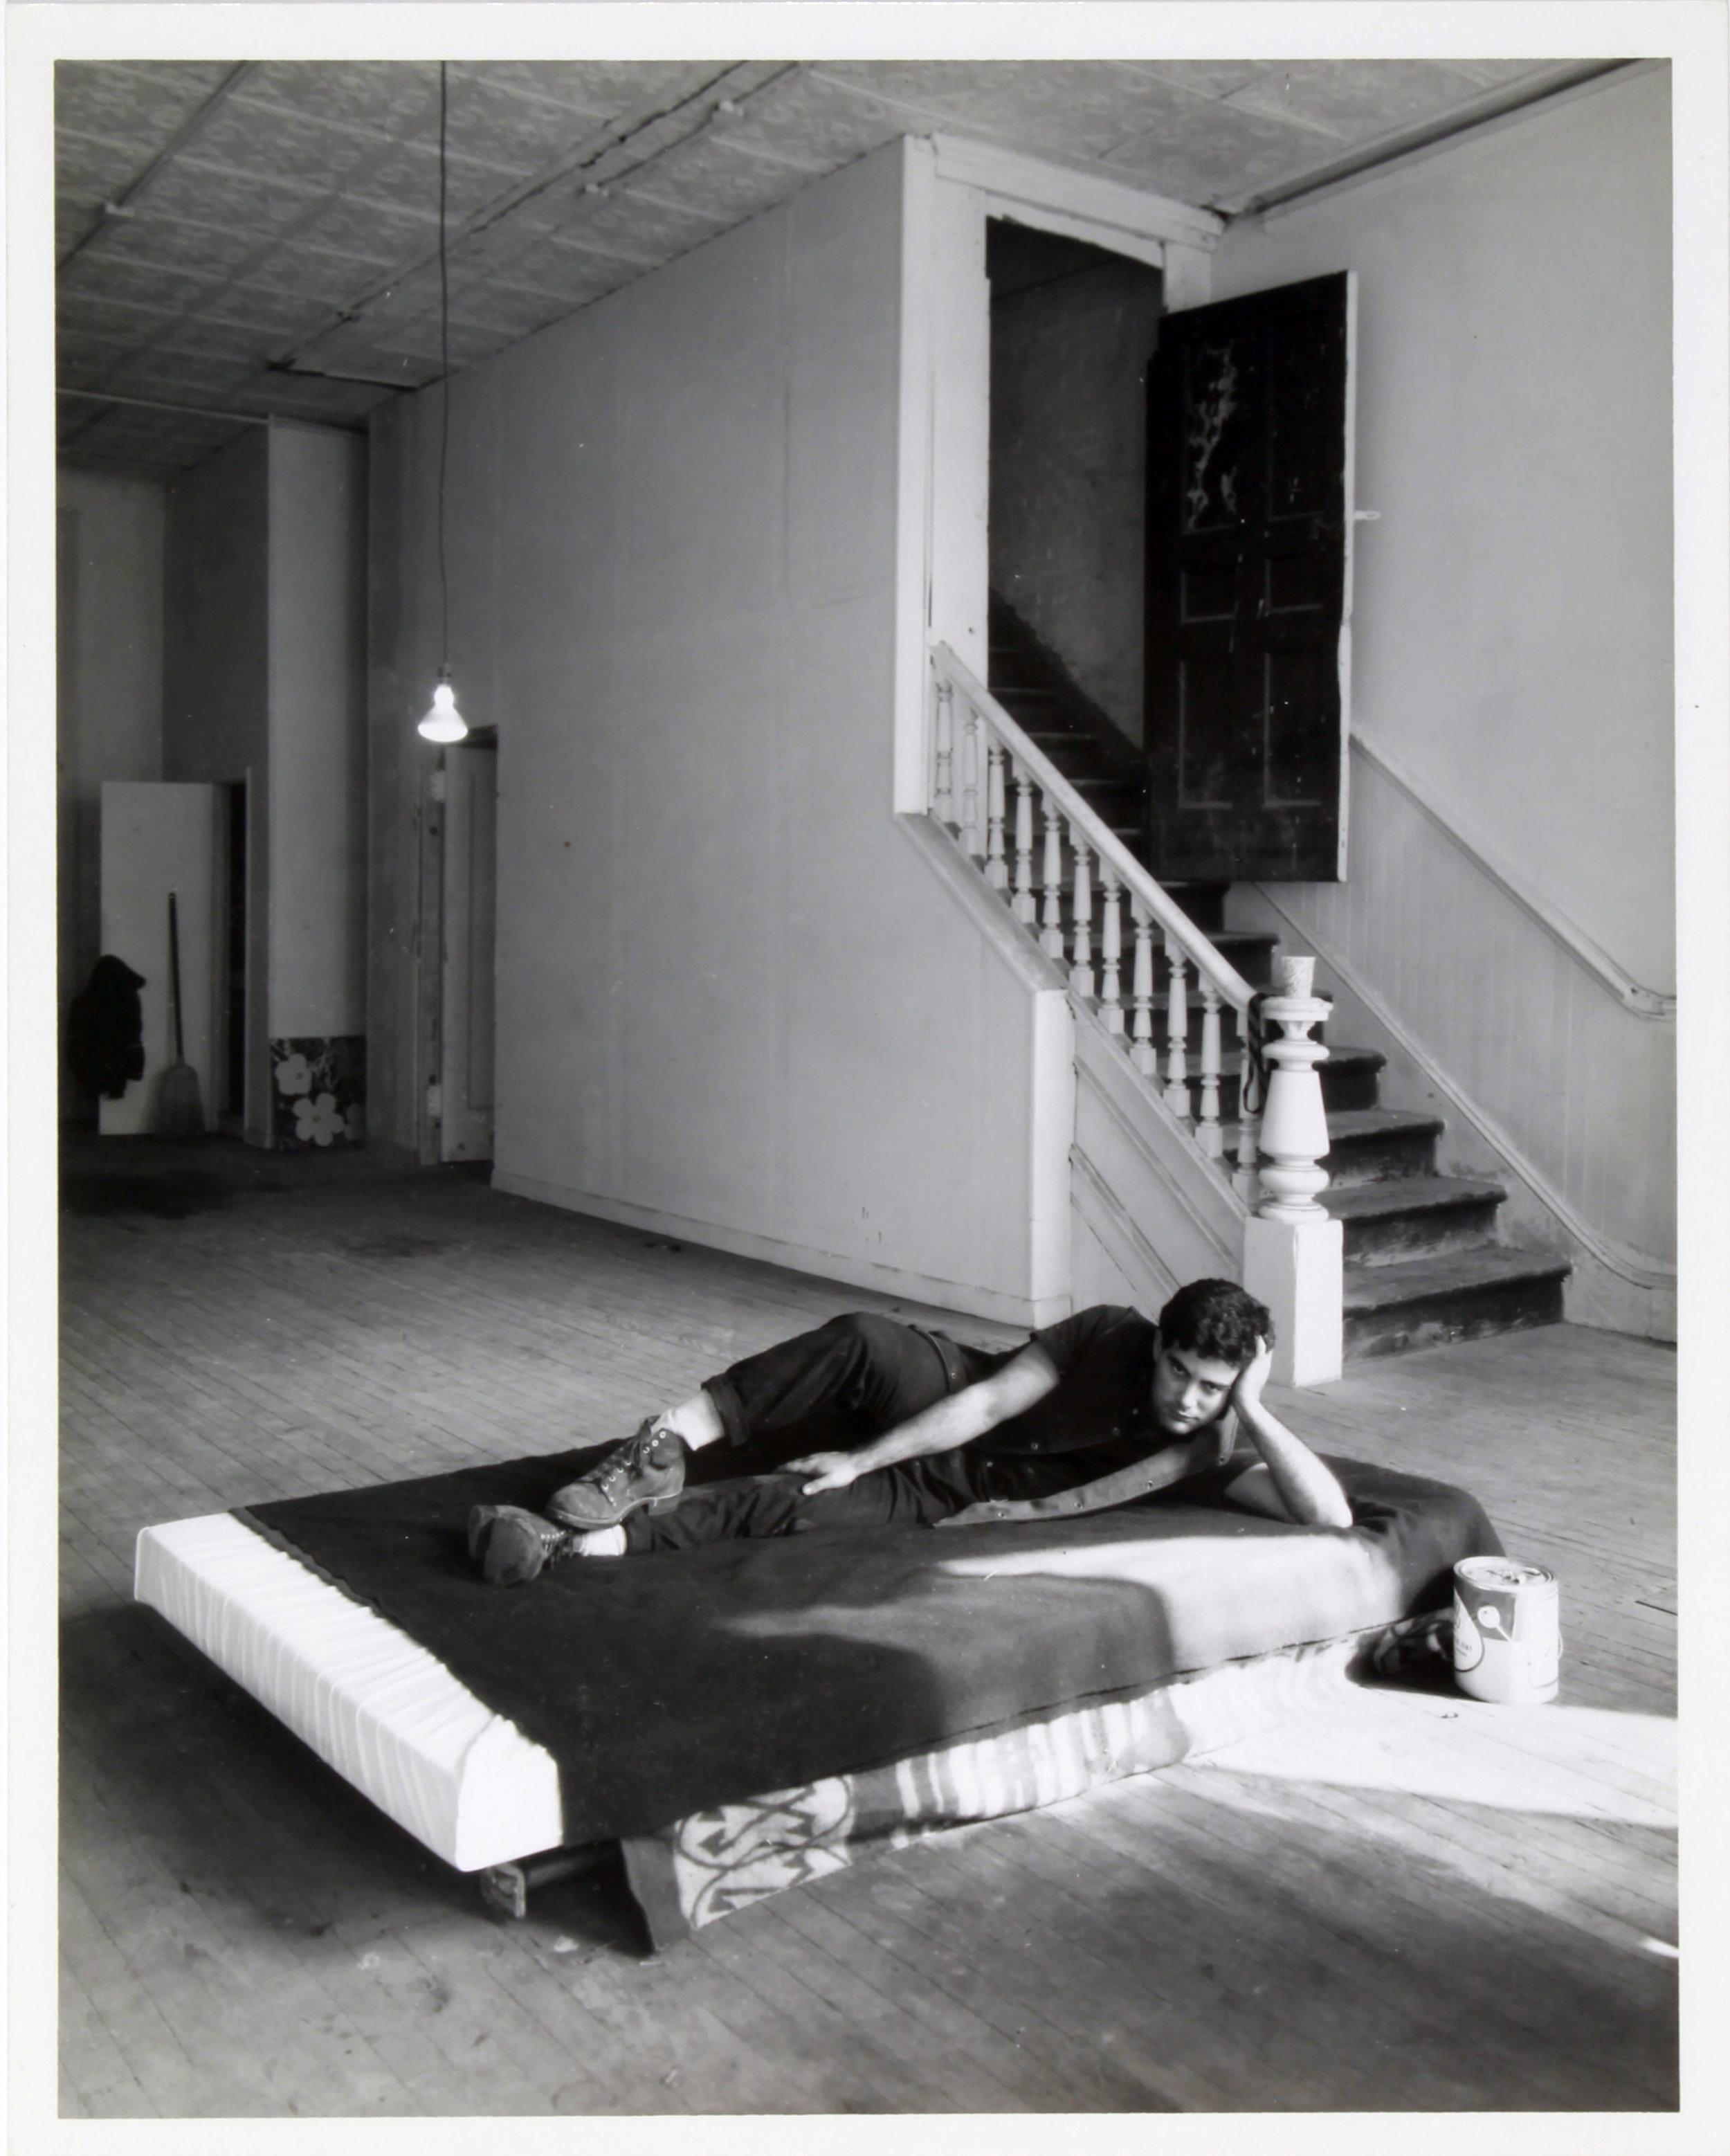 Hollis Frampton | 11, 1965 (from The nostalgia Portfolio)